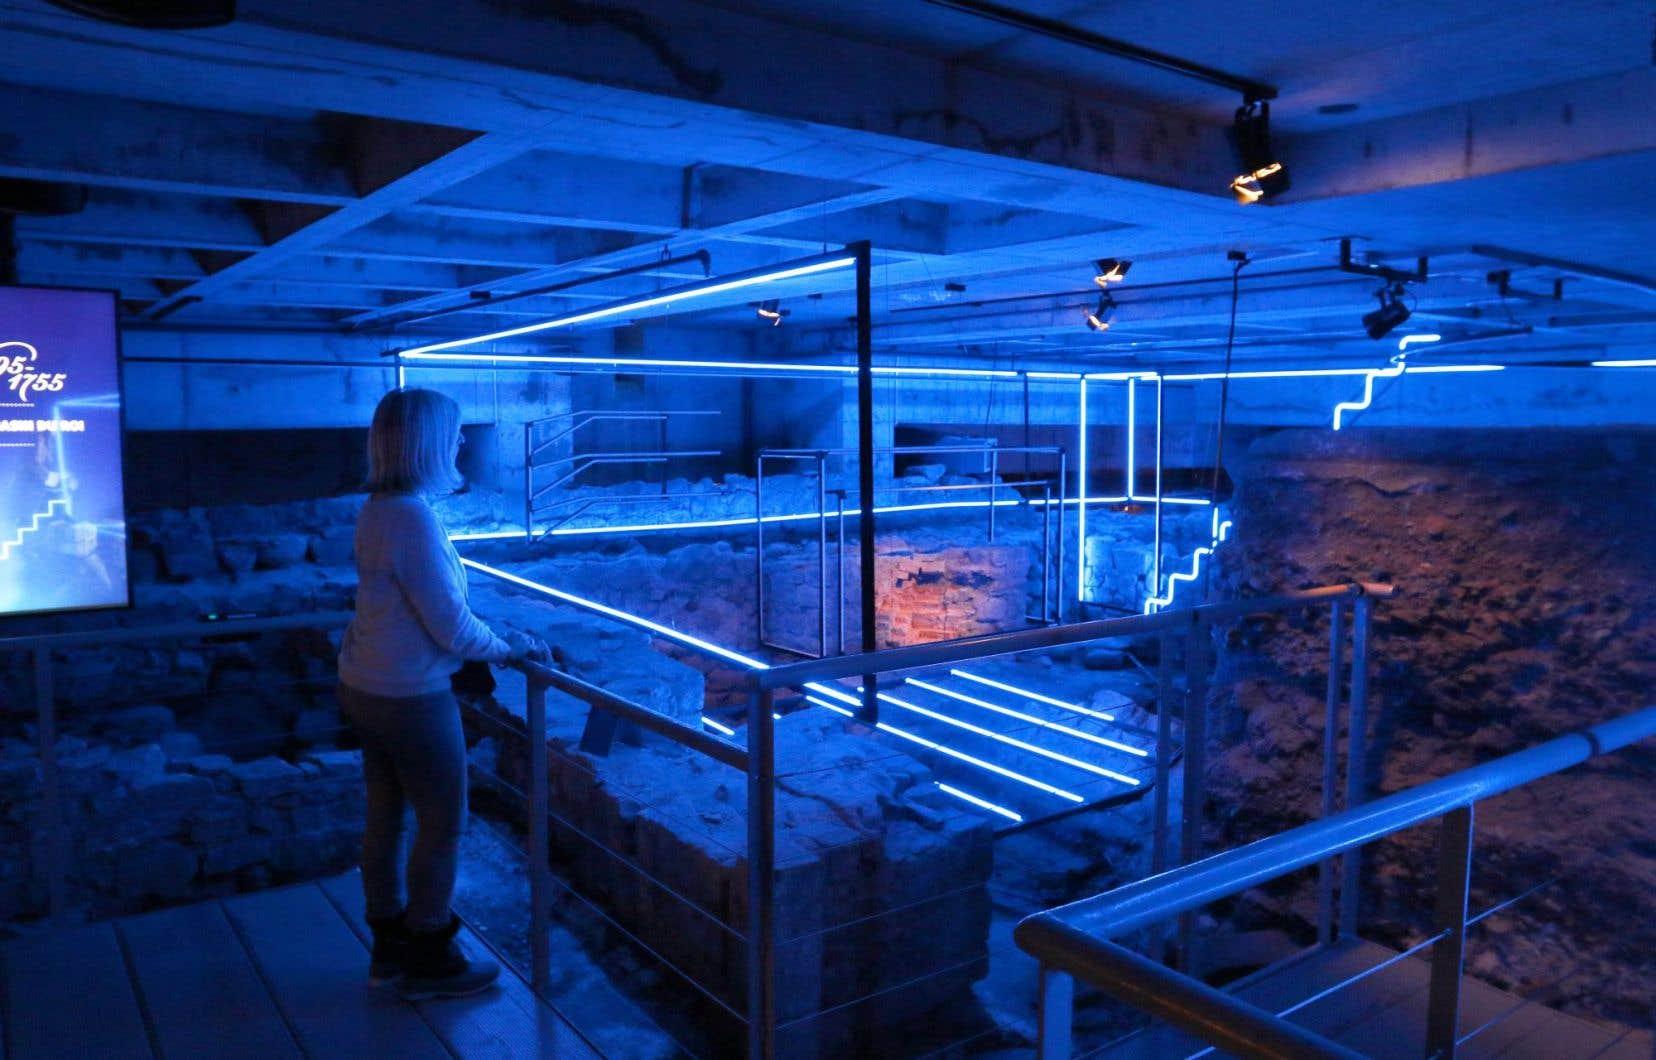 Le renouvellement du système d'éclairage permet de mieux visualiser la succession des différents emplacements de l'exposition permanente.